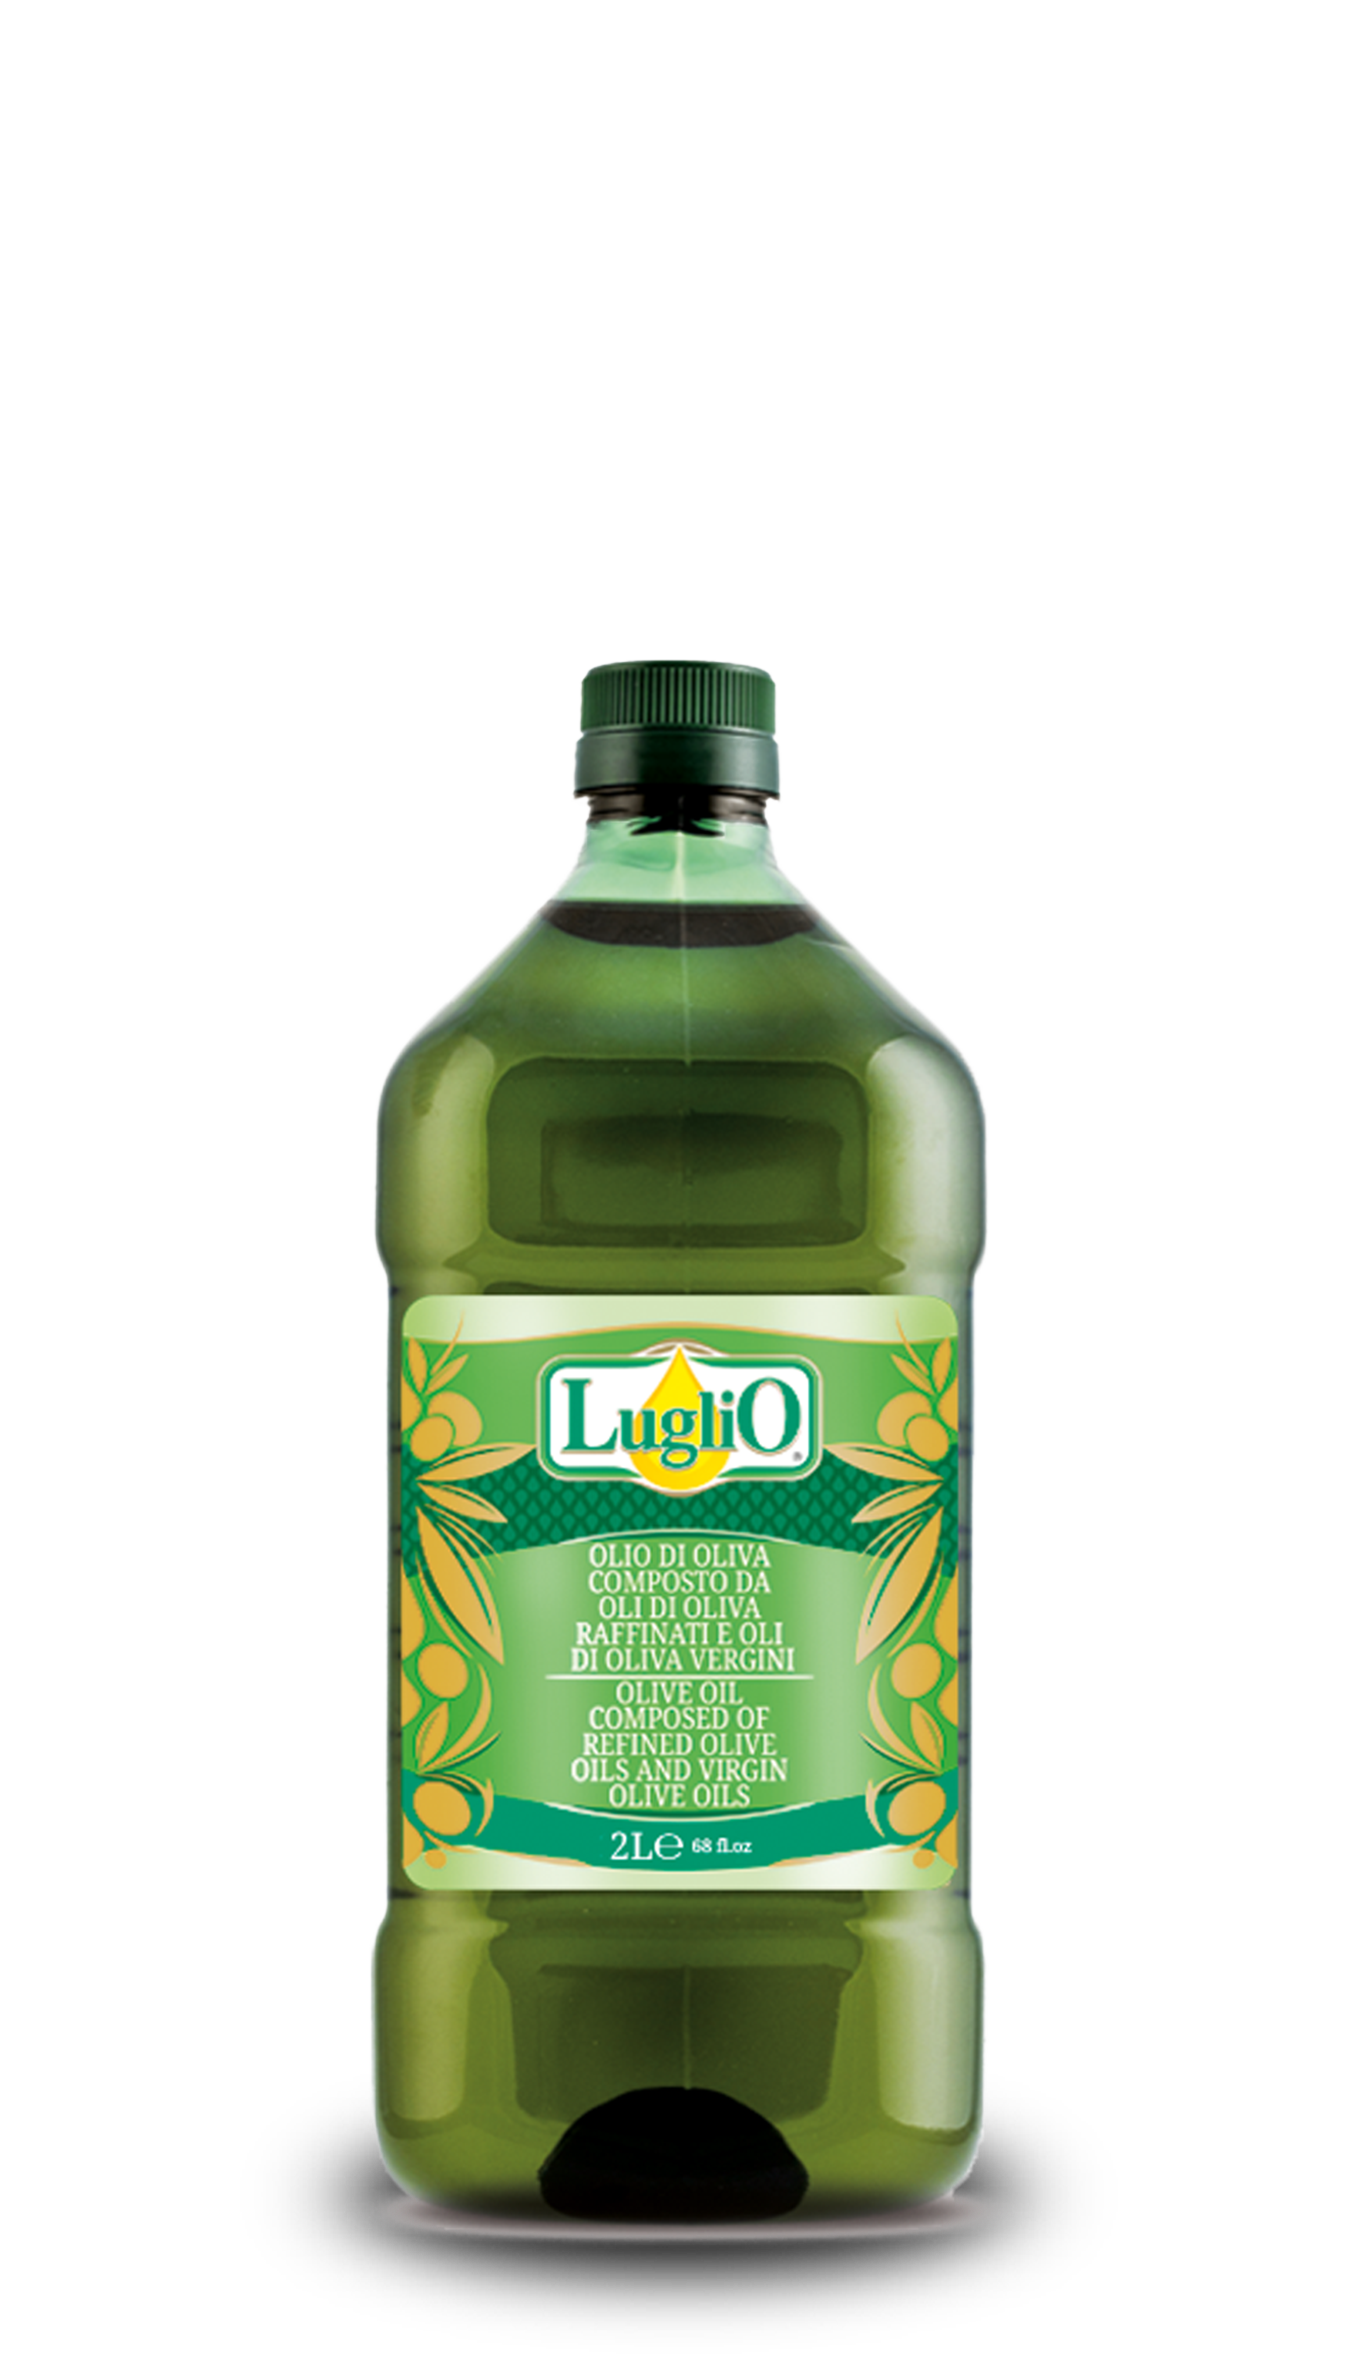 Olio Luglio olio d'oliva 2L PET